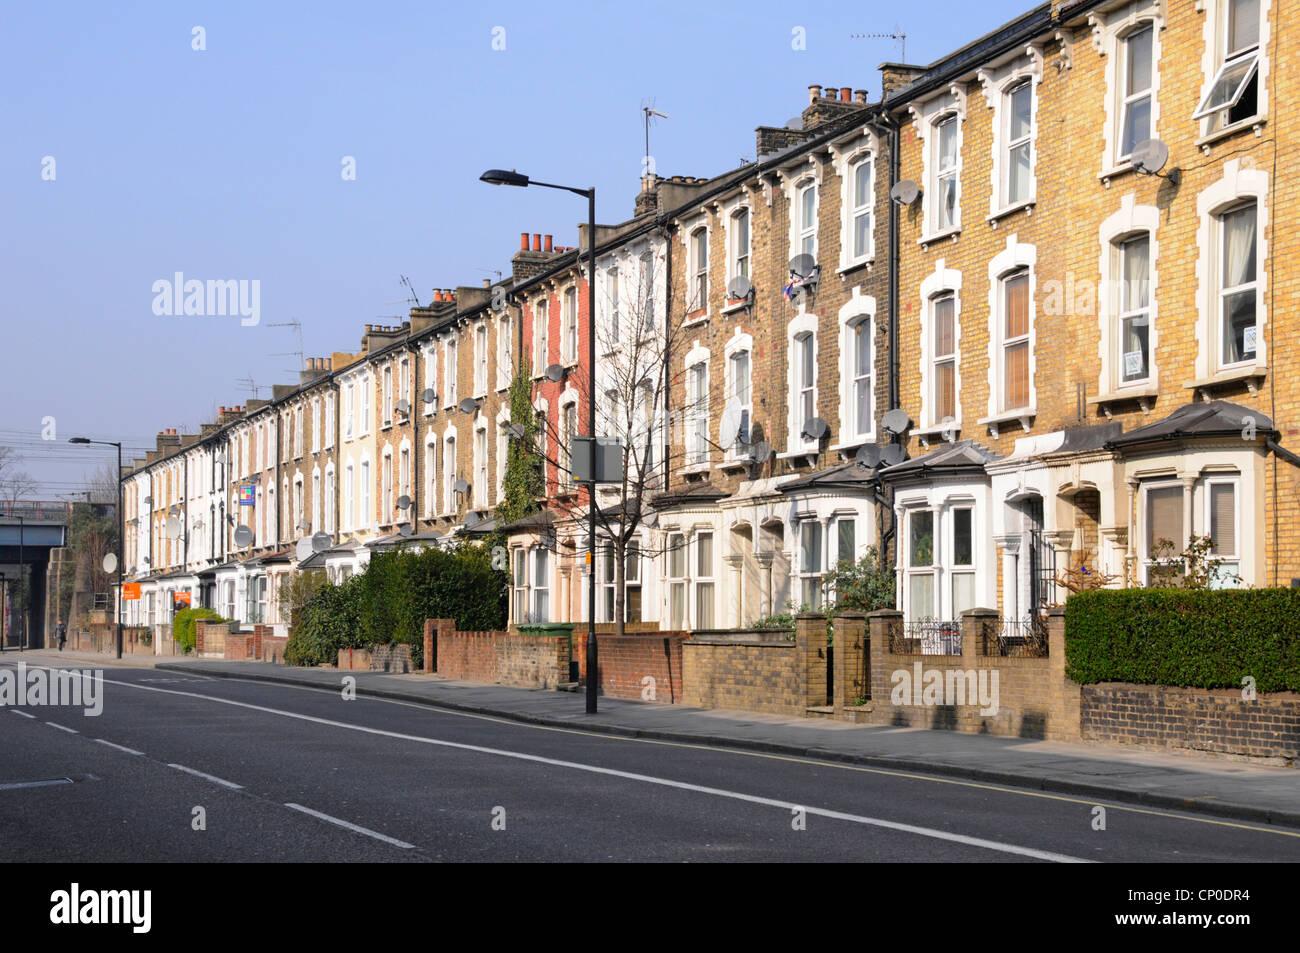 Larga fila de antiguas viviendas adosadas de tres pisos y apartamentos sin coches aparcados en Hackney Londres cerca Imagen De Stock